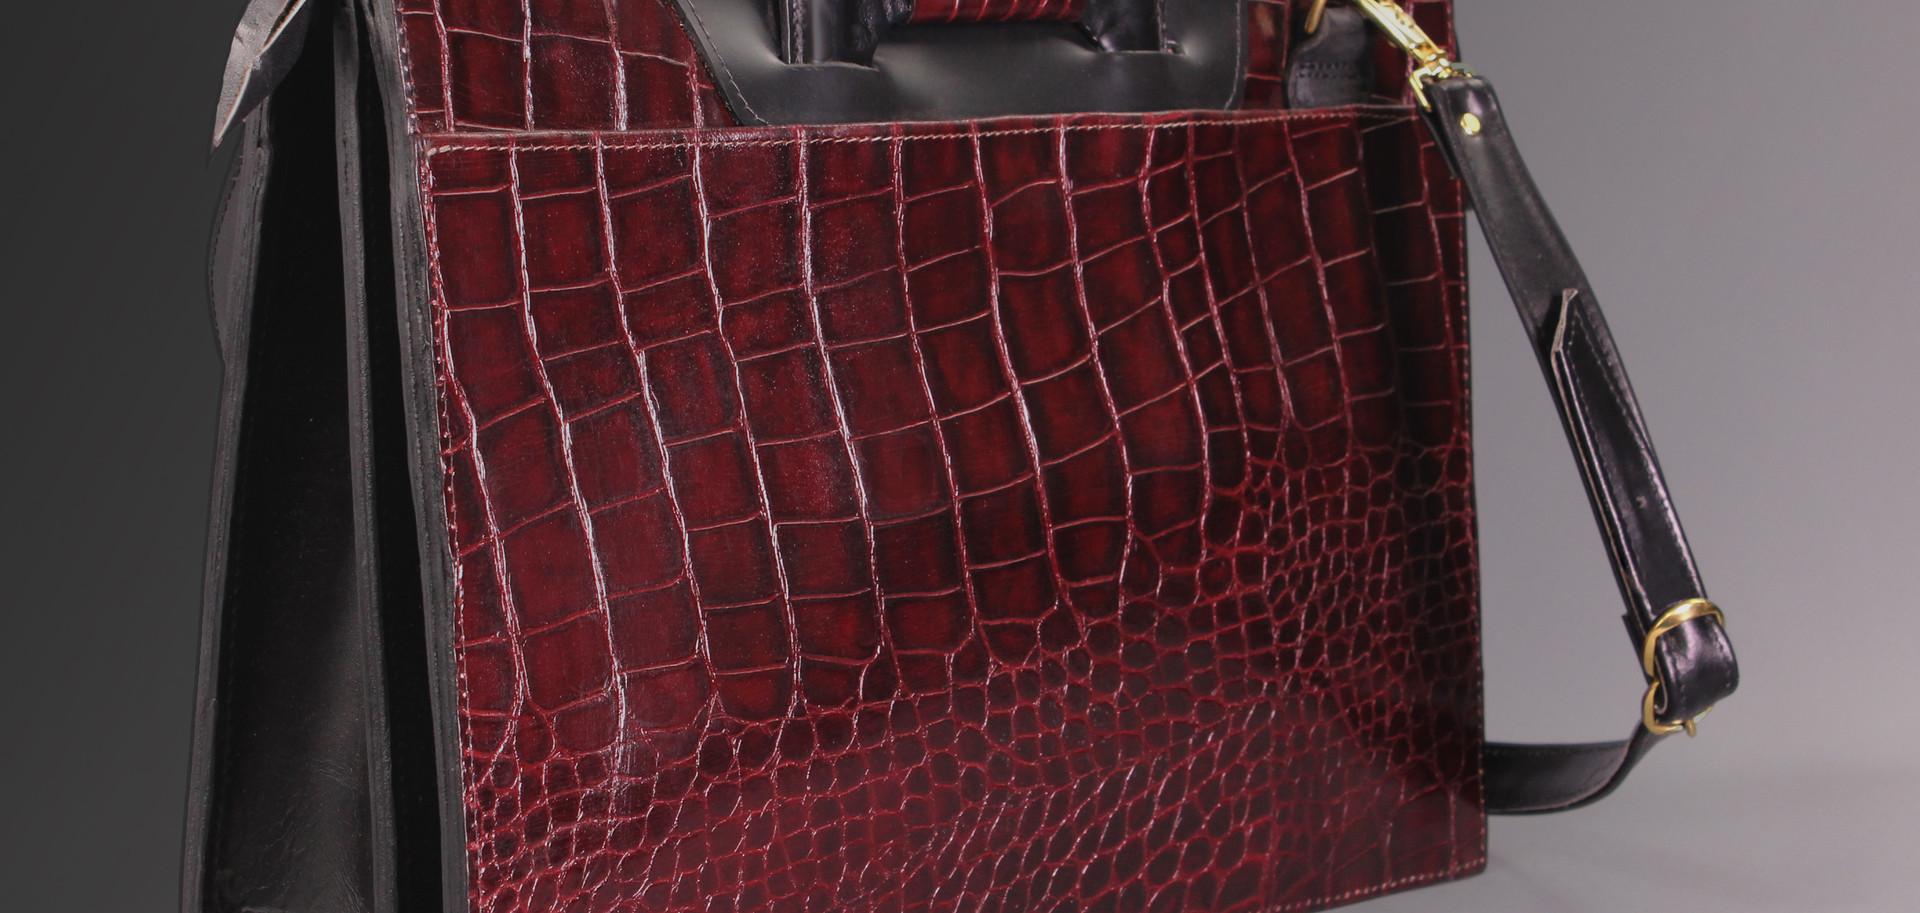 Burgundy Gator Zip-Top Briefcase